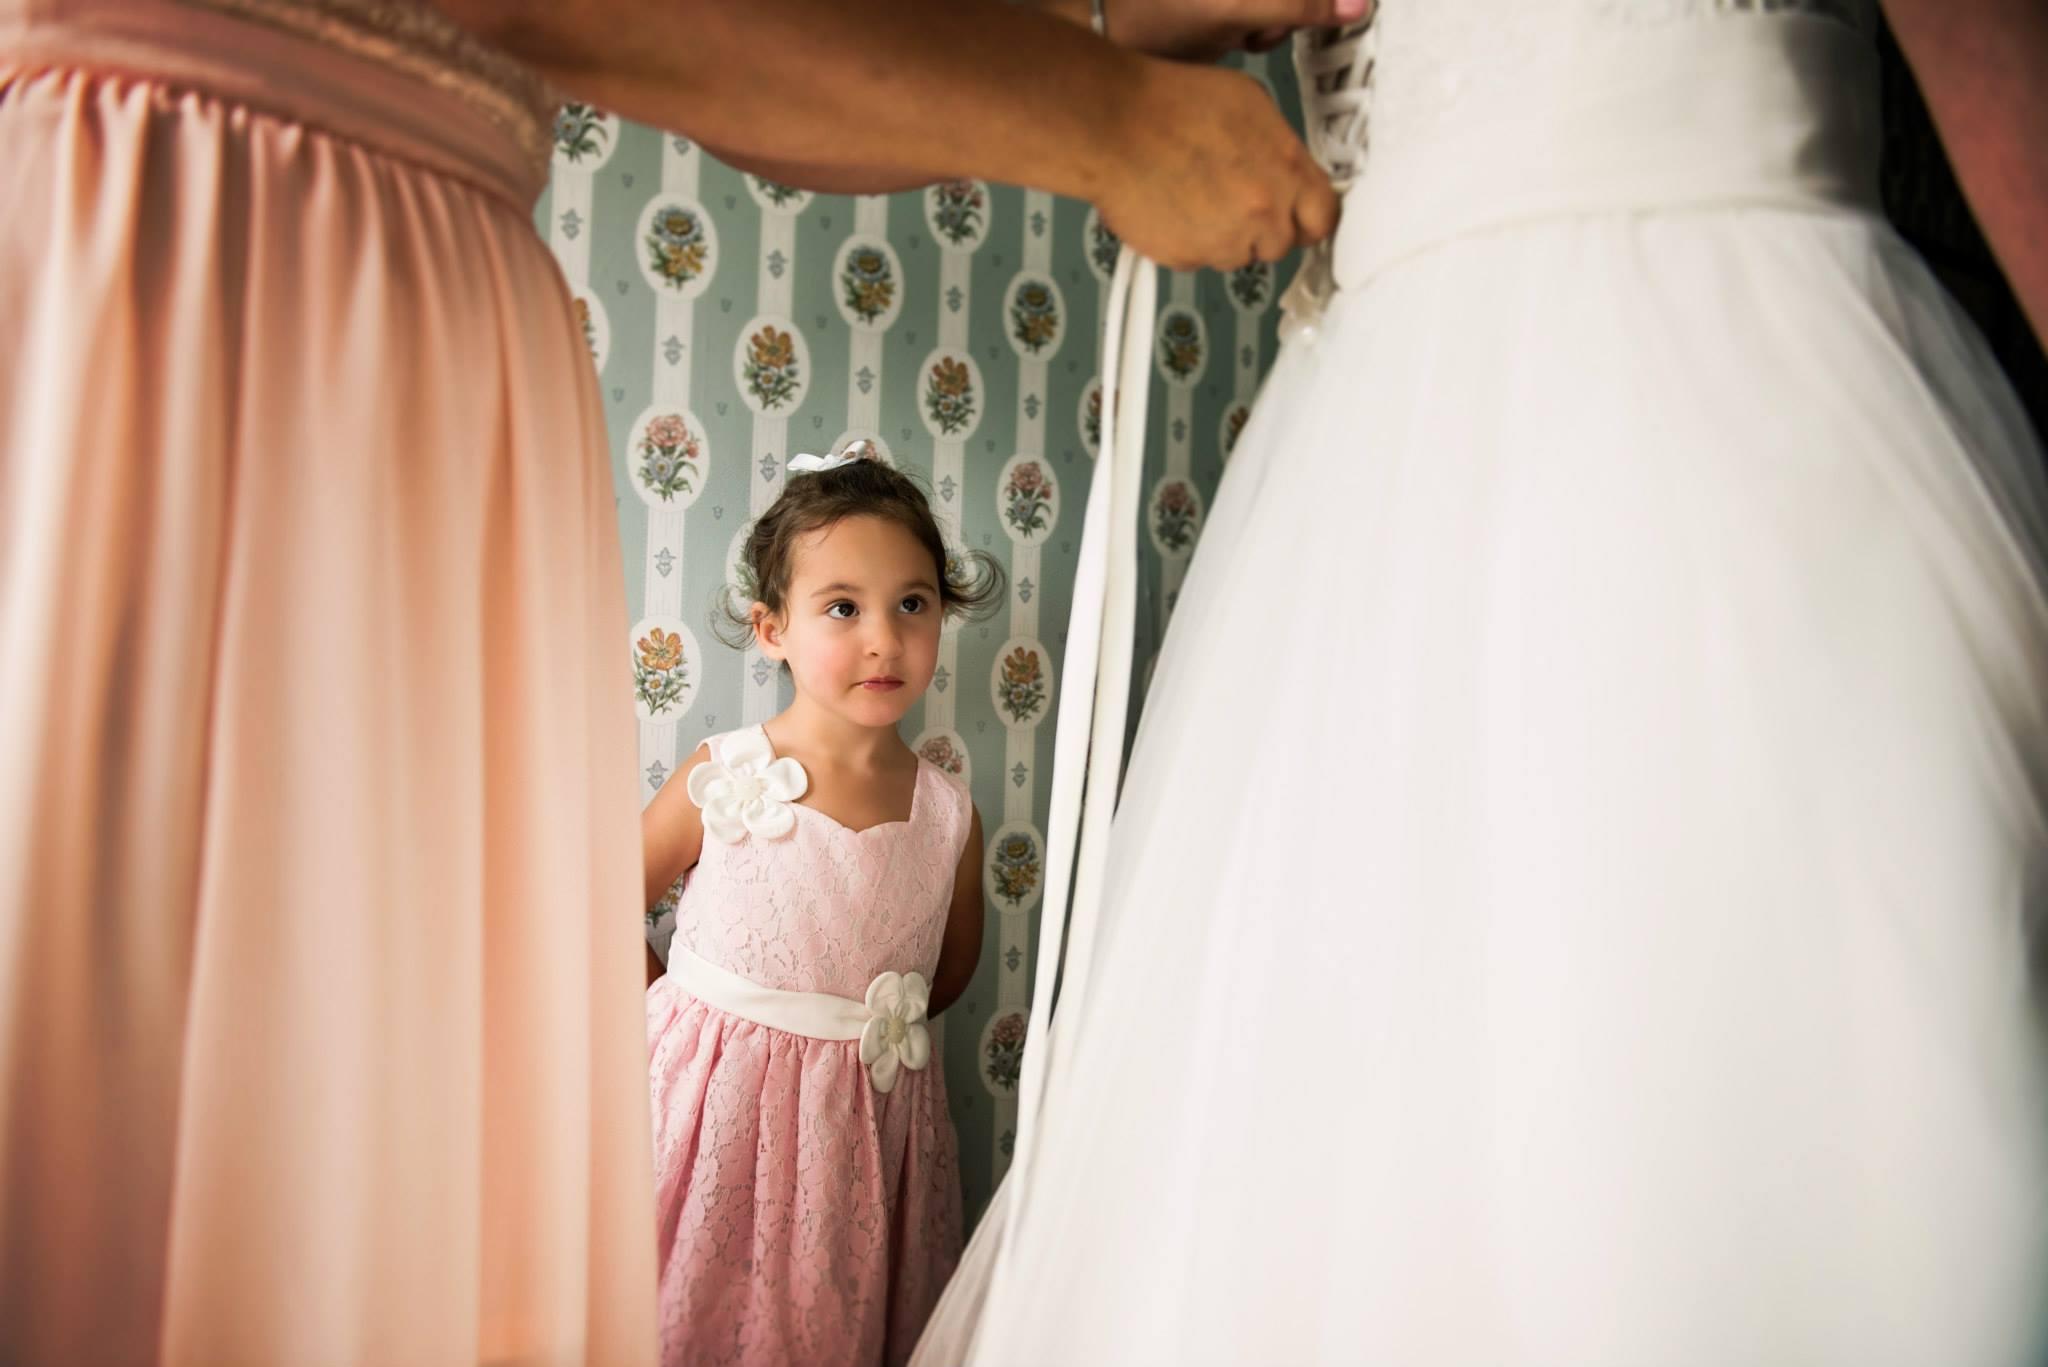 Weddings_Vesia6 (2).jpg